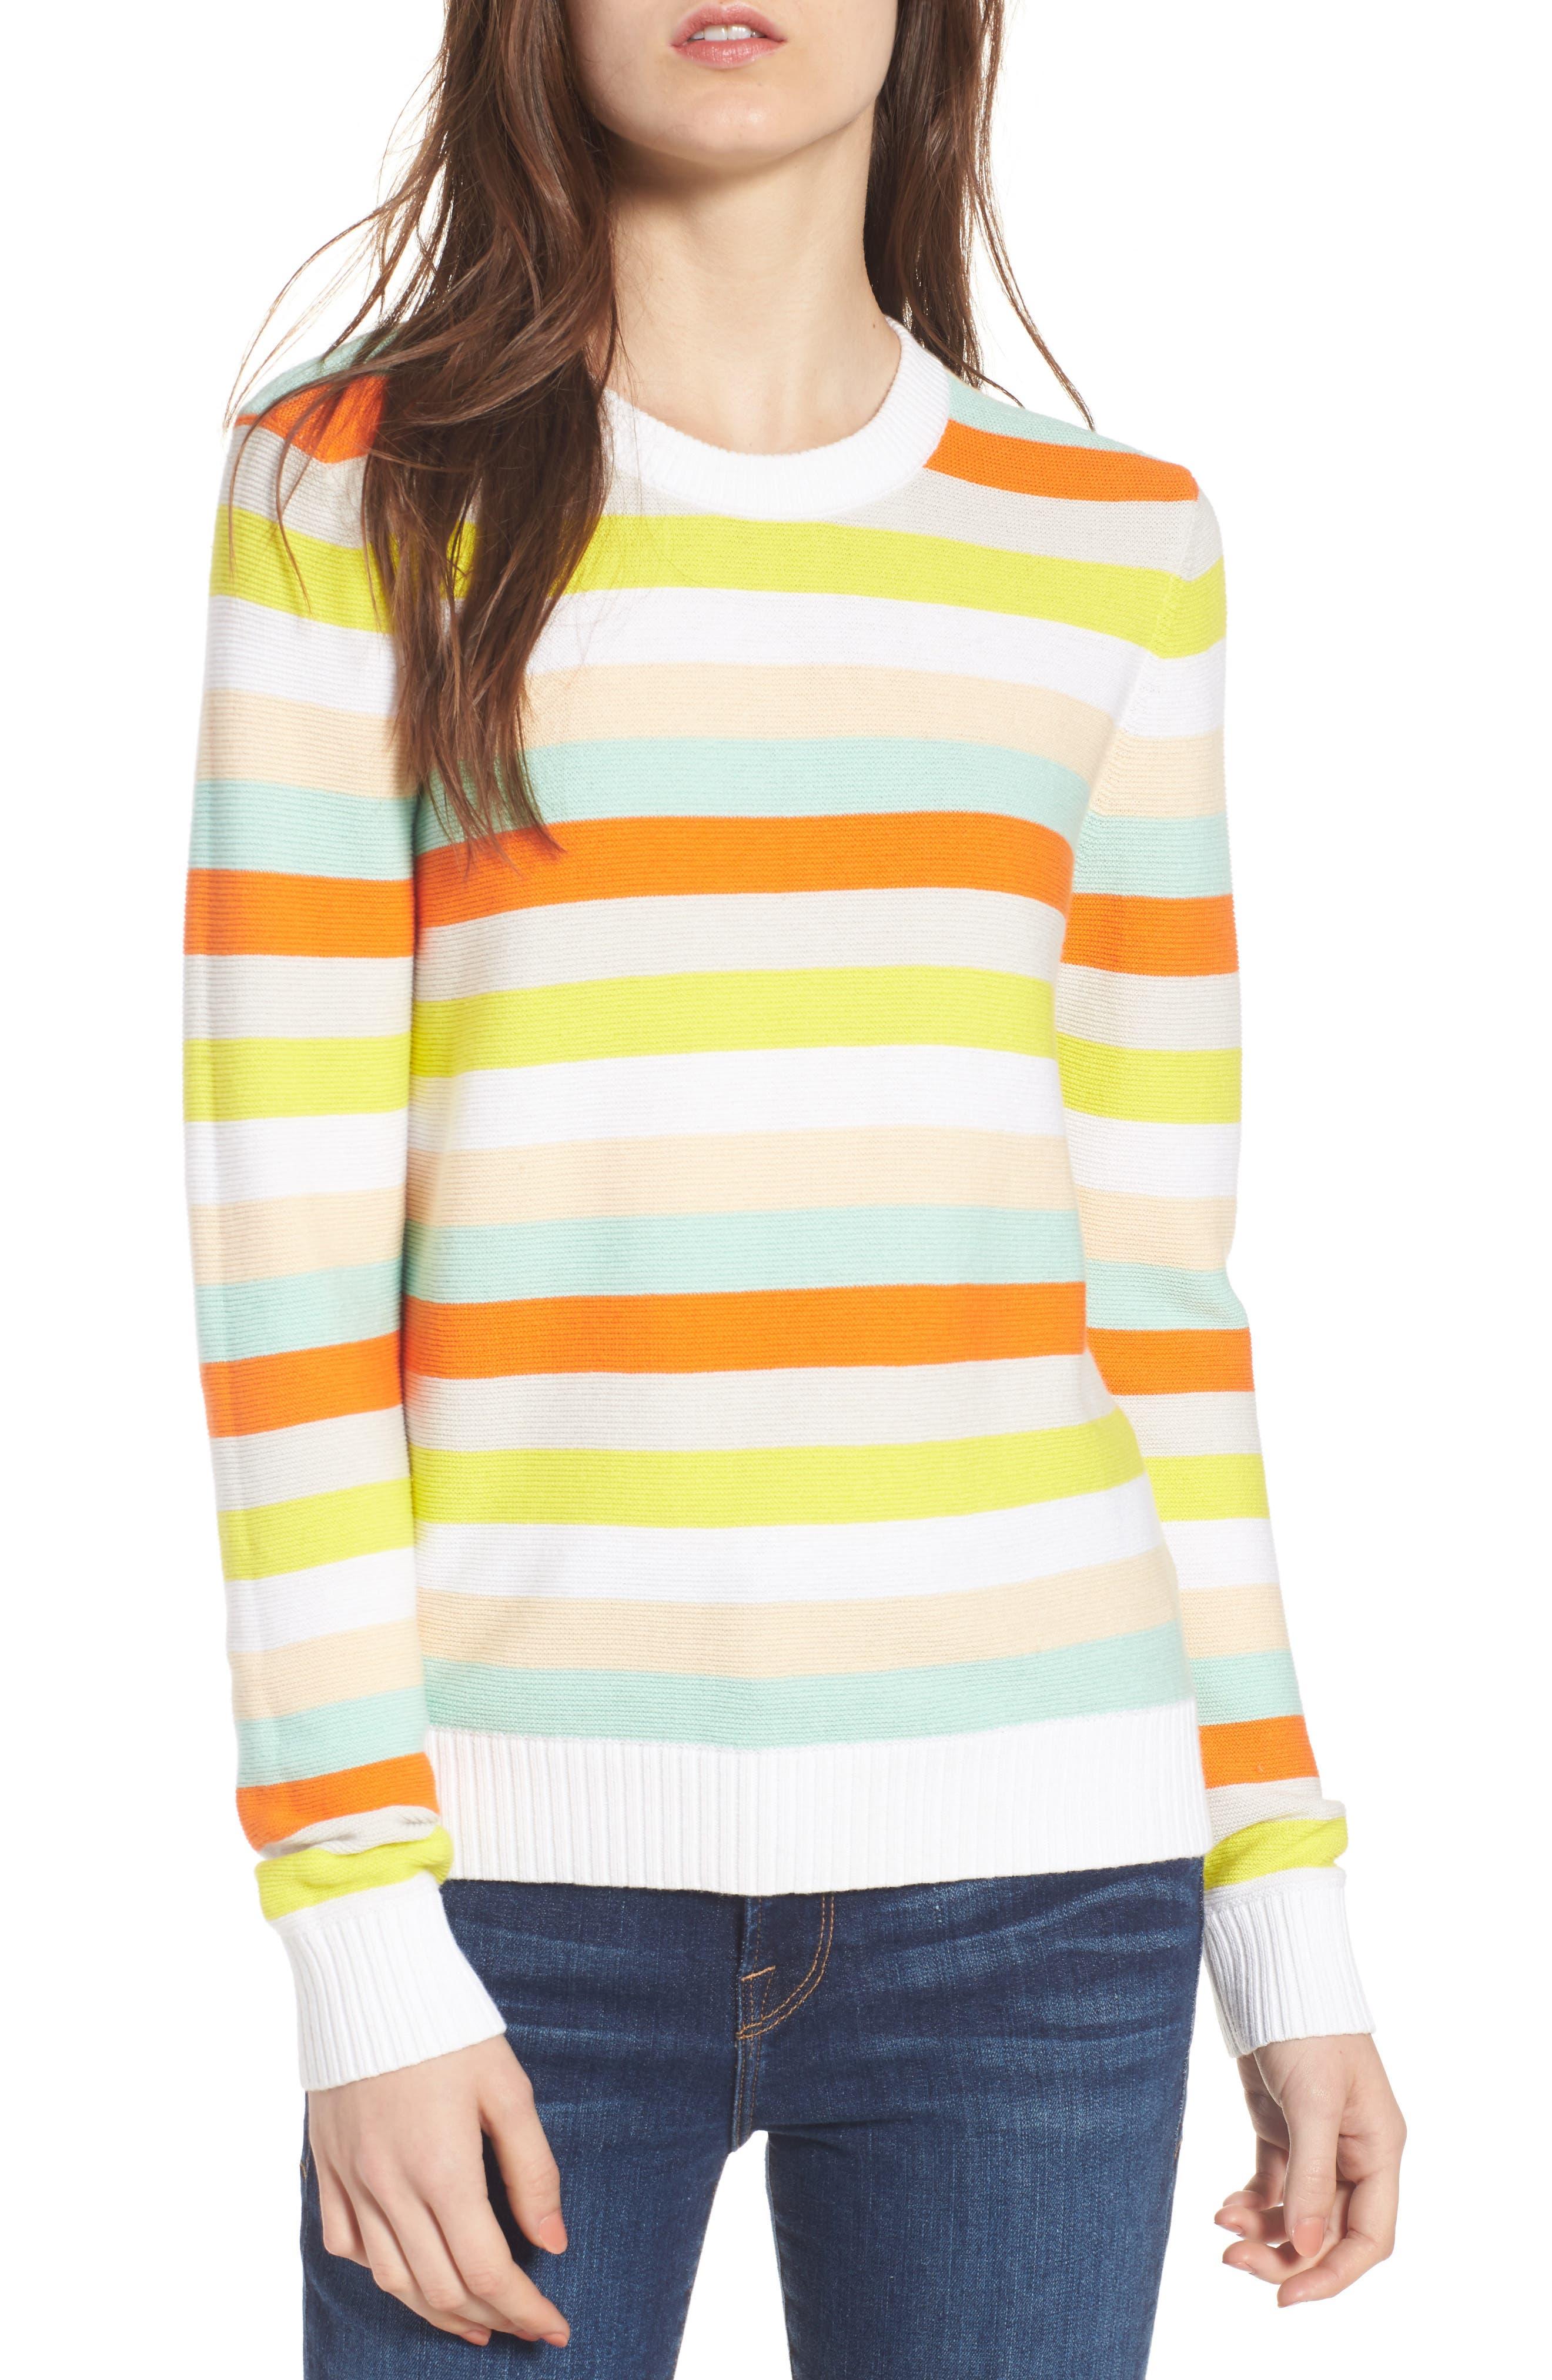 Rebecca Minkoff Cahuilla Sweater